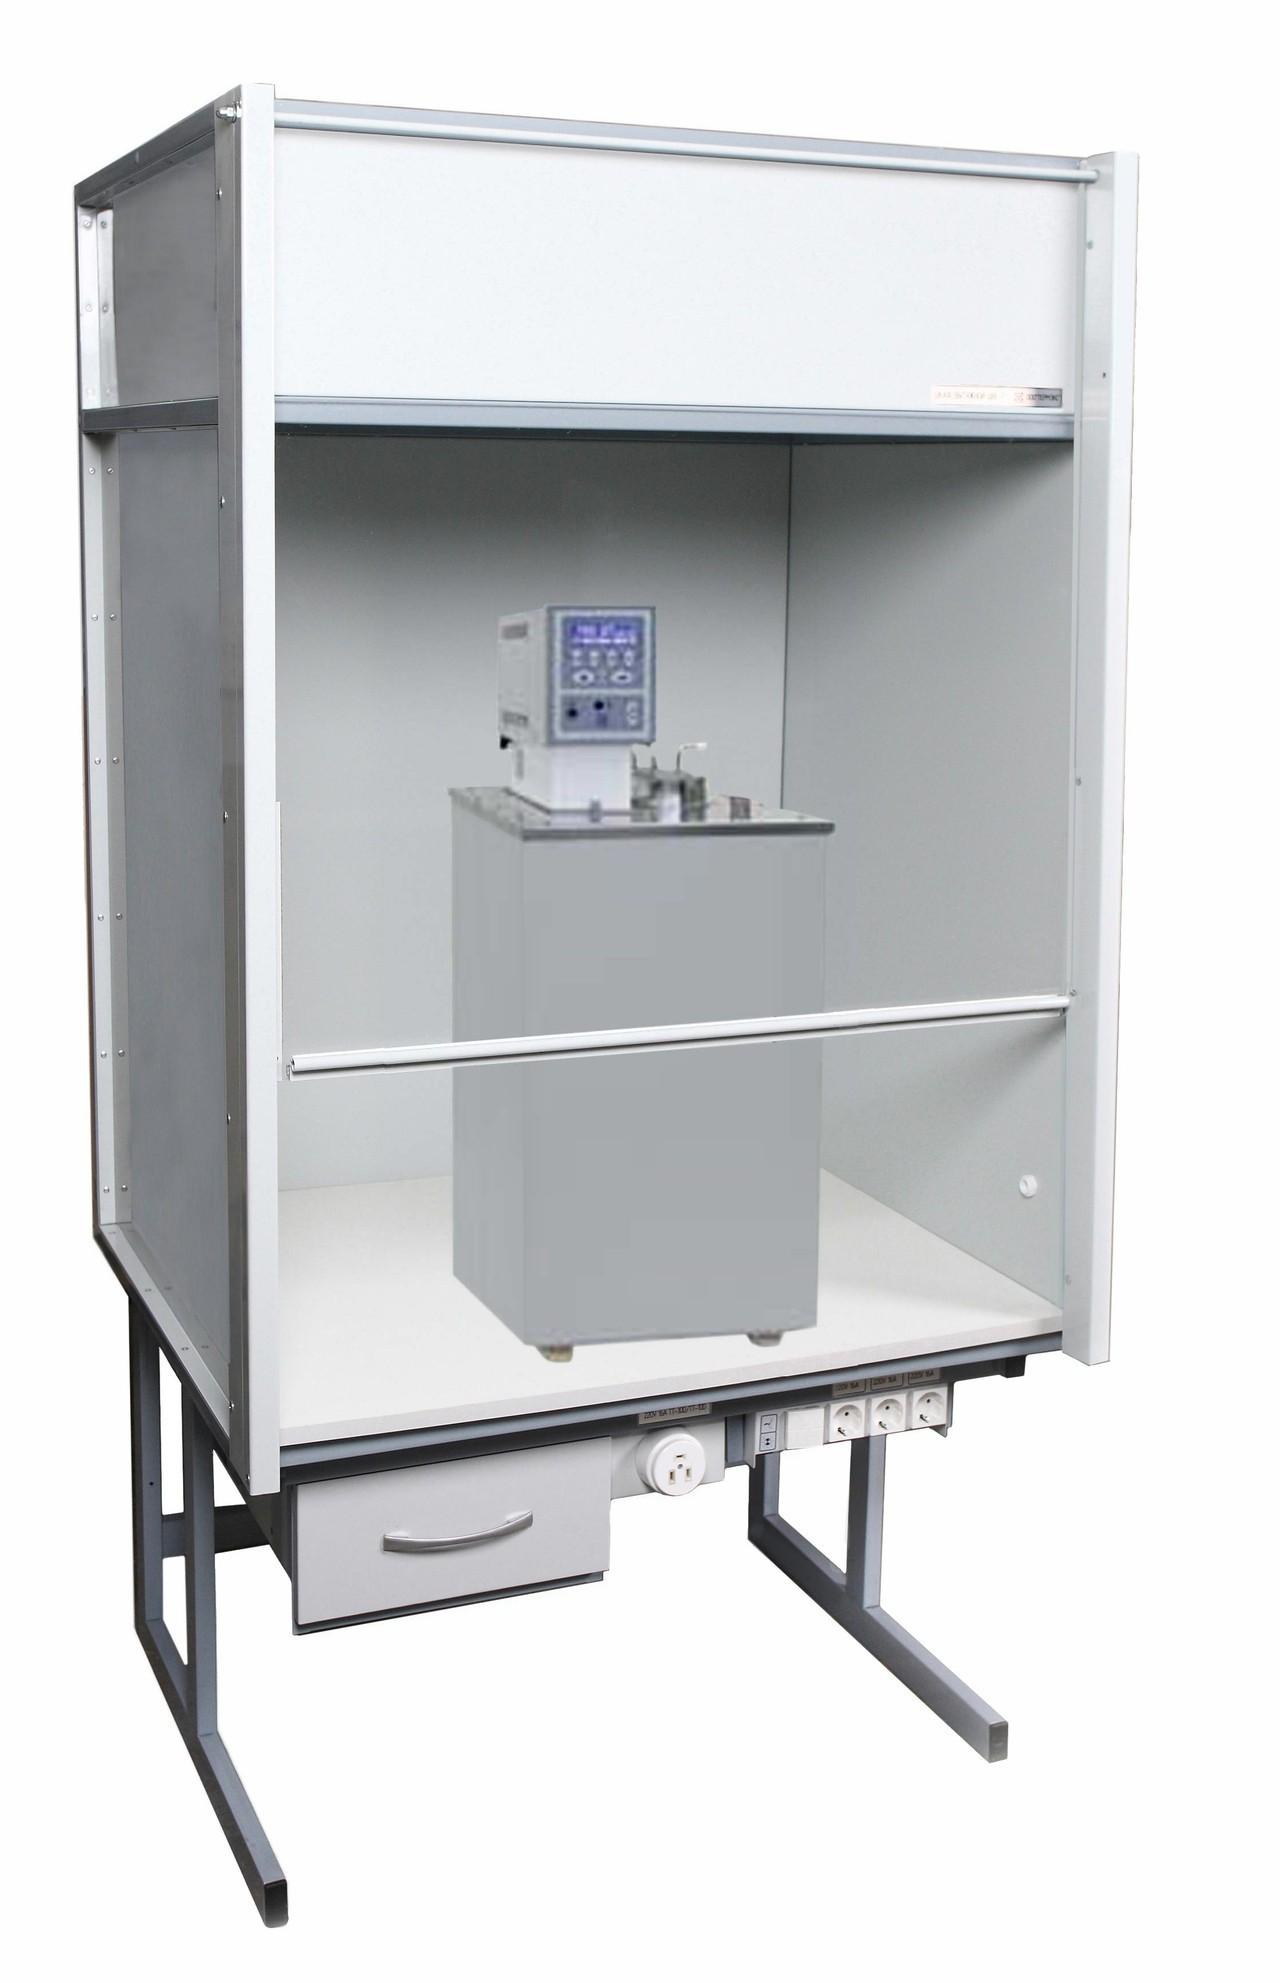 ШВС-Т -Вытяжной шкаф для термостата ТЕРМЭКС